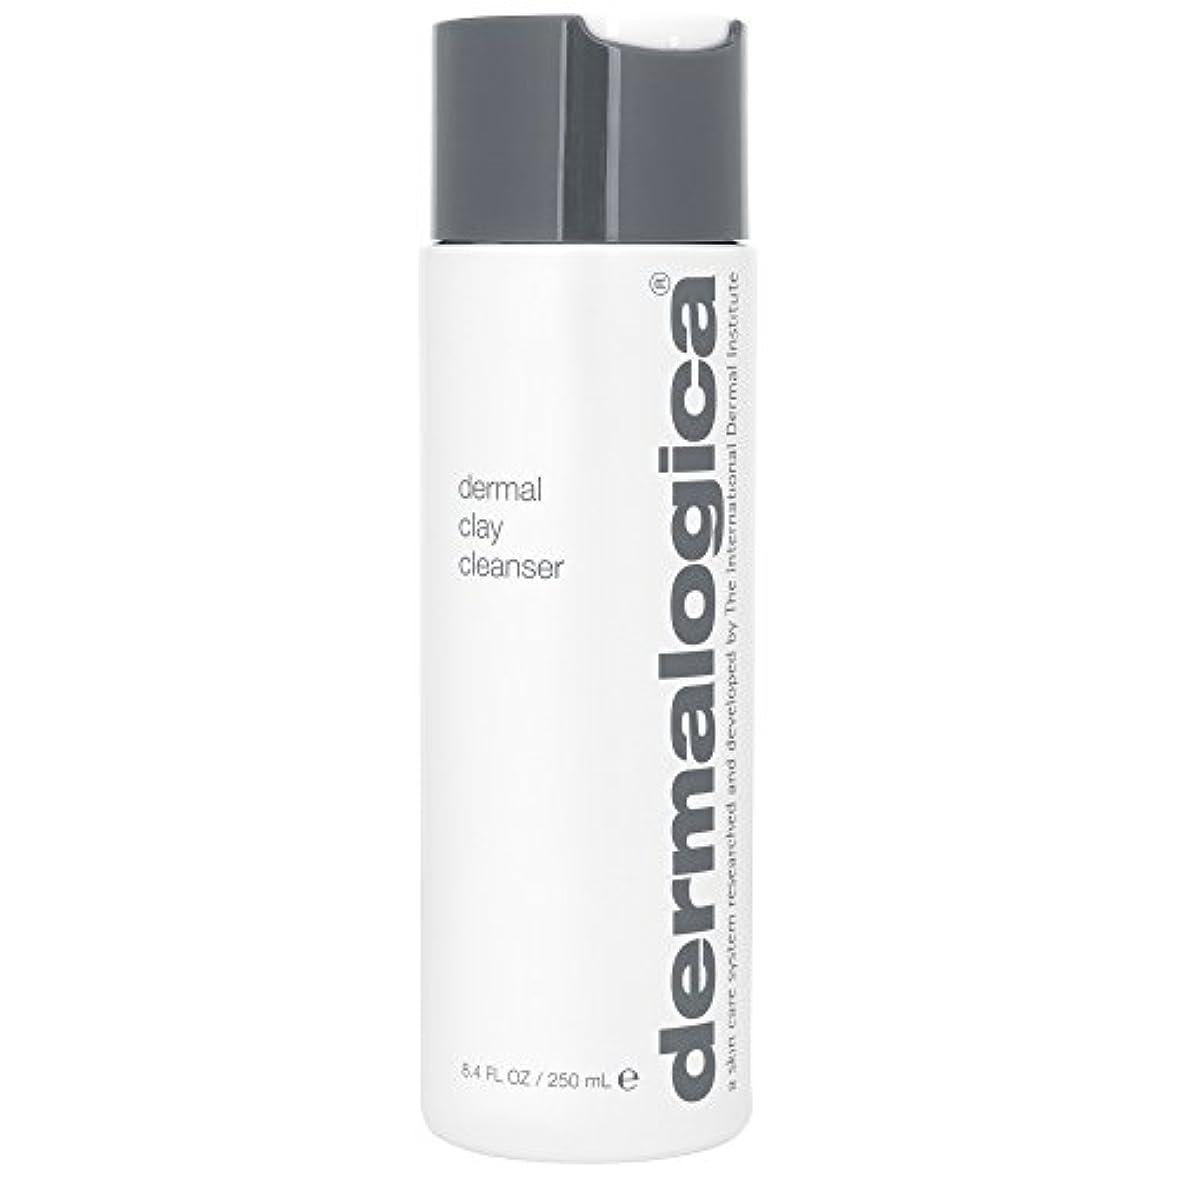 免疫高価な周波数ダーマロジカ真皮クレイクレンザー250ミリリットル (Dermalogica) (x6) - Dermalogica Dermal Clay Cleanser 250ml (Pack of 6) [並行輸入品]